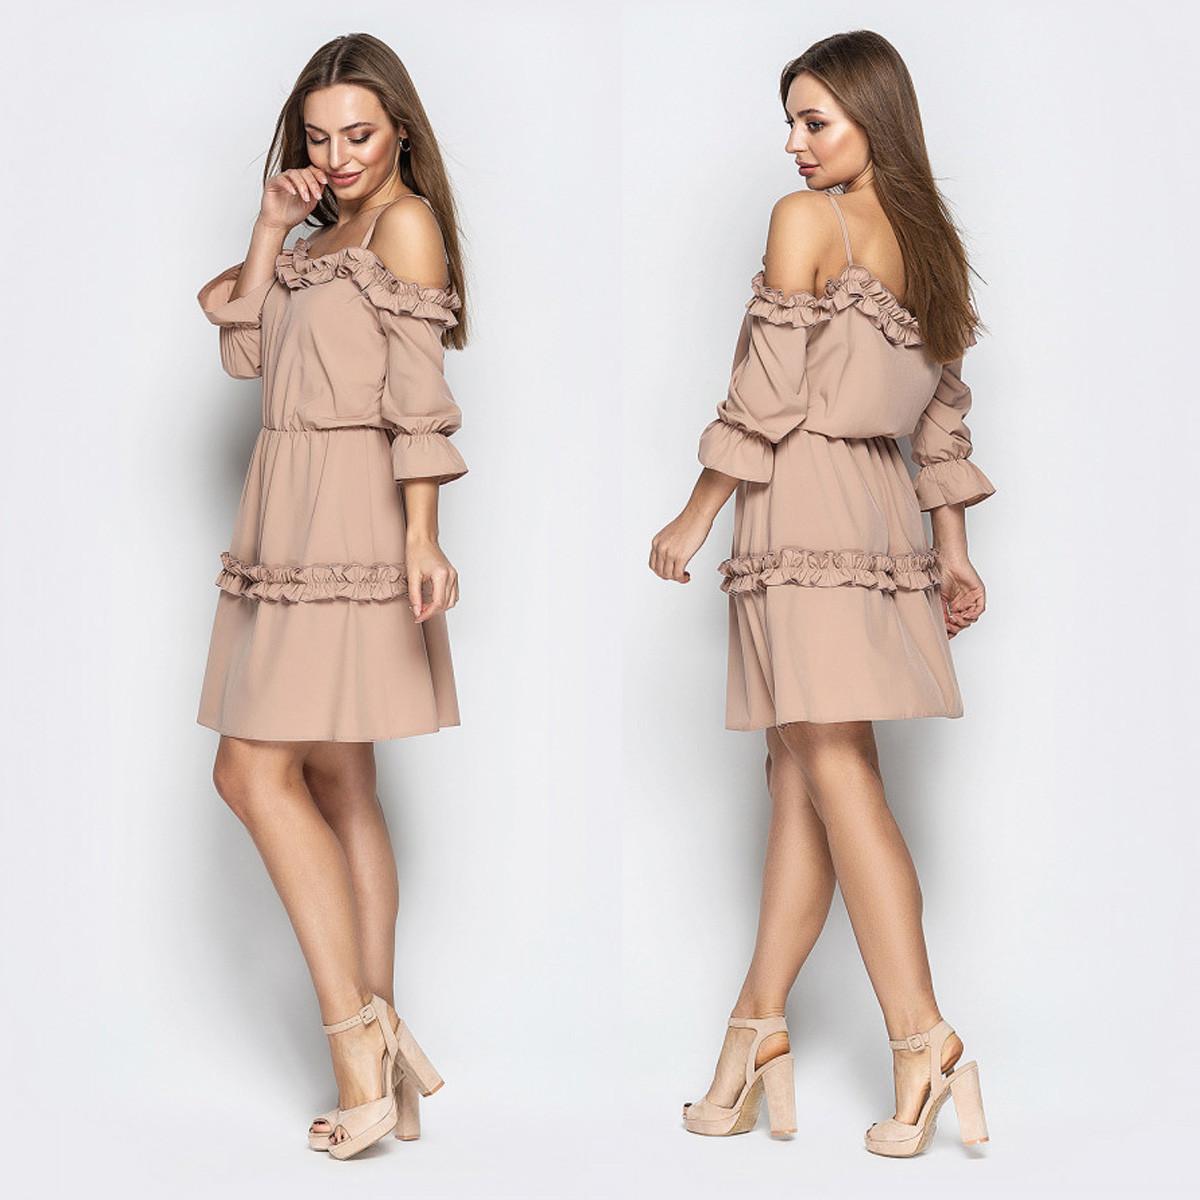 08a77ed56be Бежевое молодежное платье-сарафан весна-лето 2019